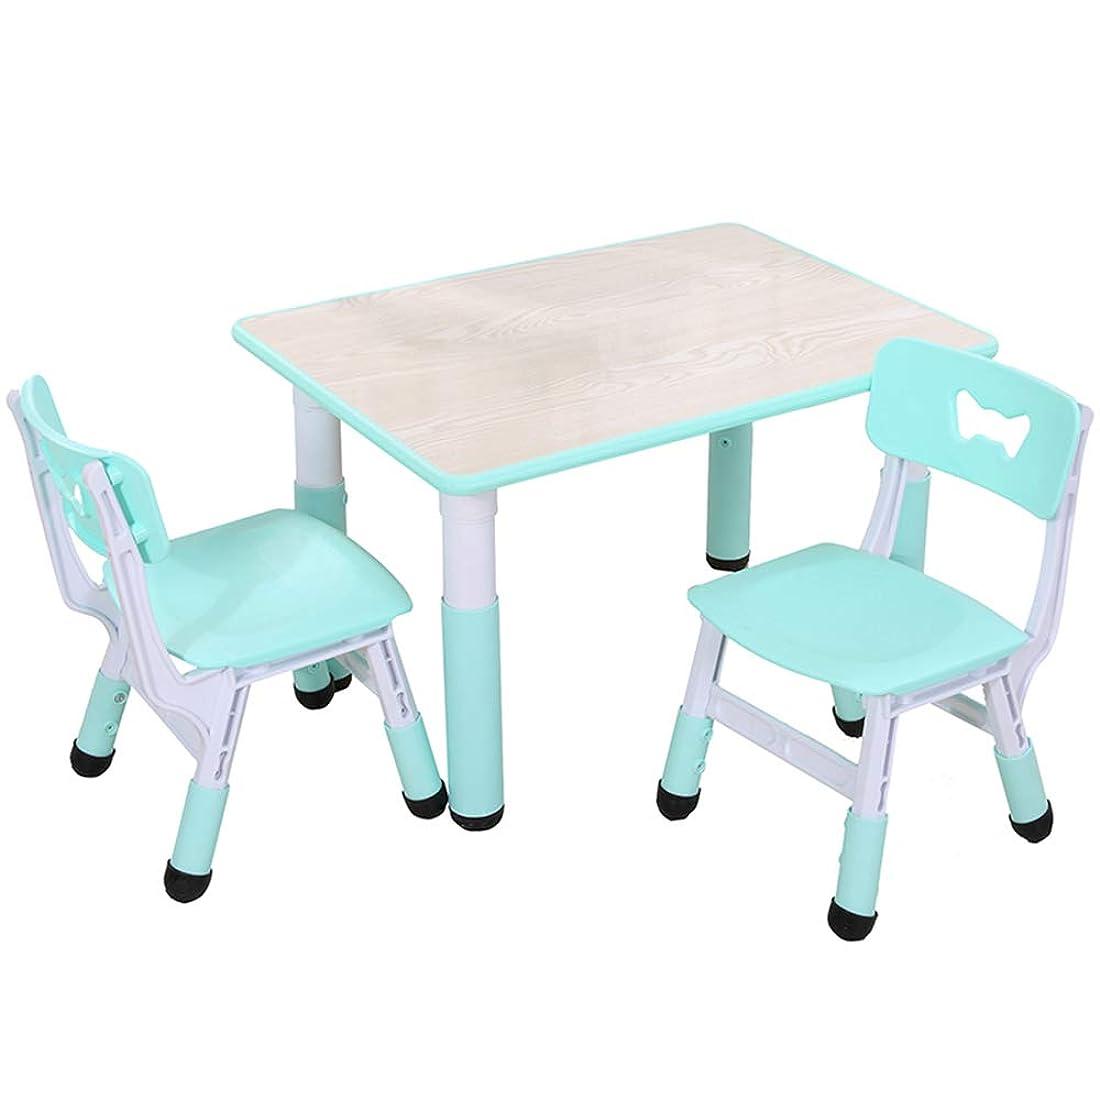 するだろうキュービック食物持ち上がる子供用のテーブルとチェアセット - 木目調ゲーム/食事/ライティングデスク - 安い、ディスカウント価格プラスチック背もたれ椅子